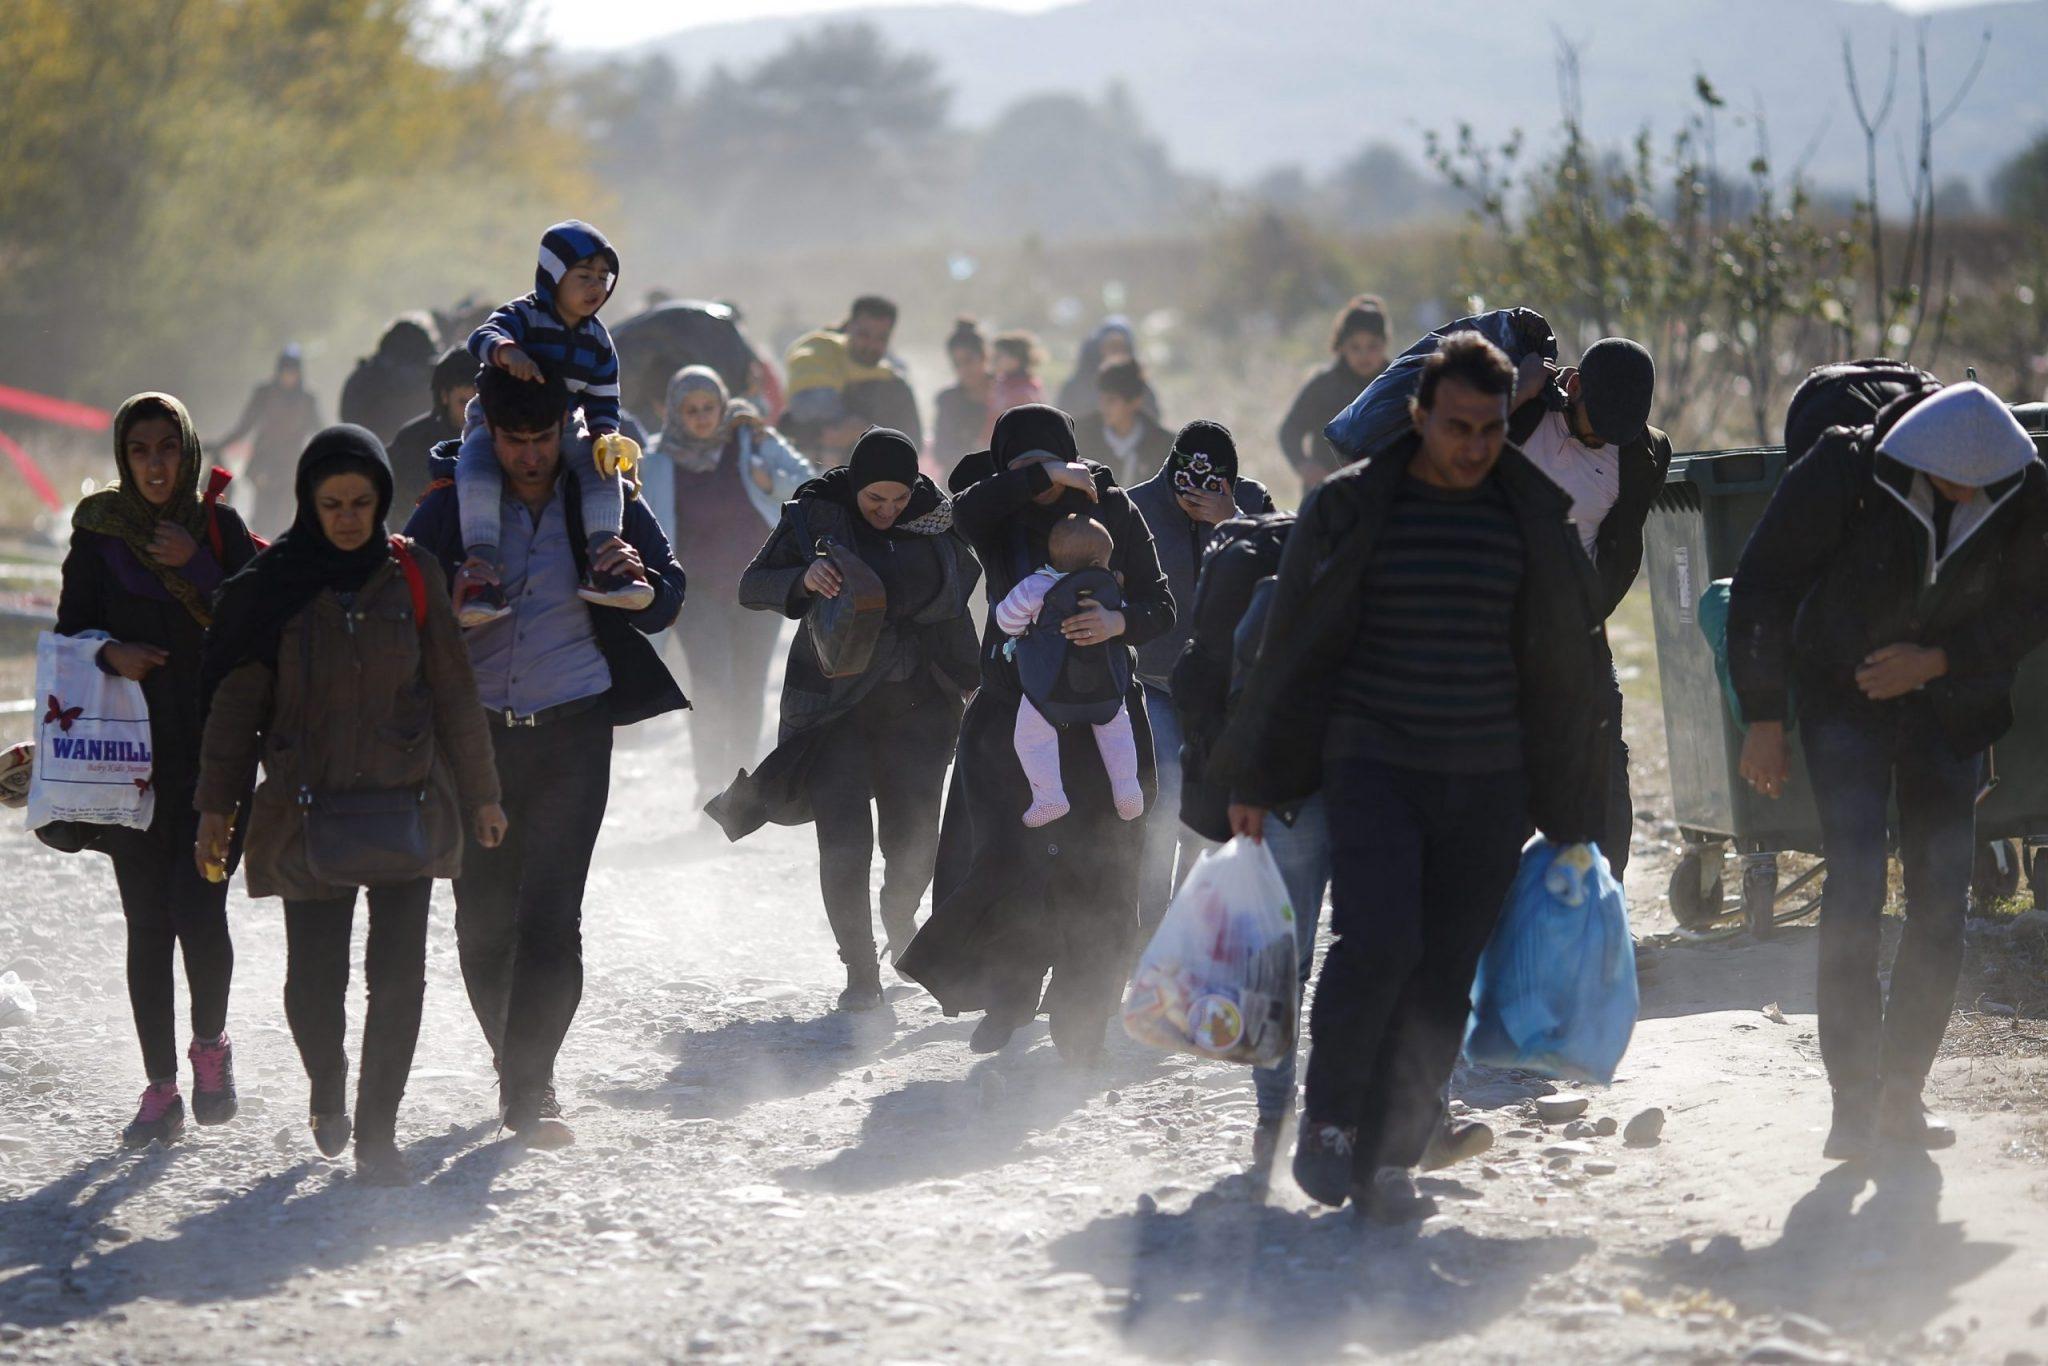 refugiados climaticos scaled